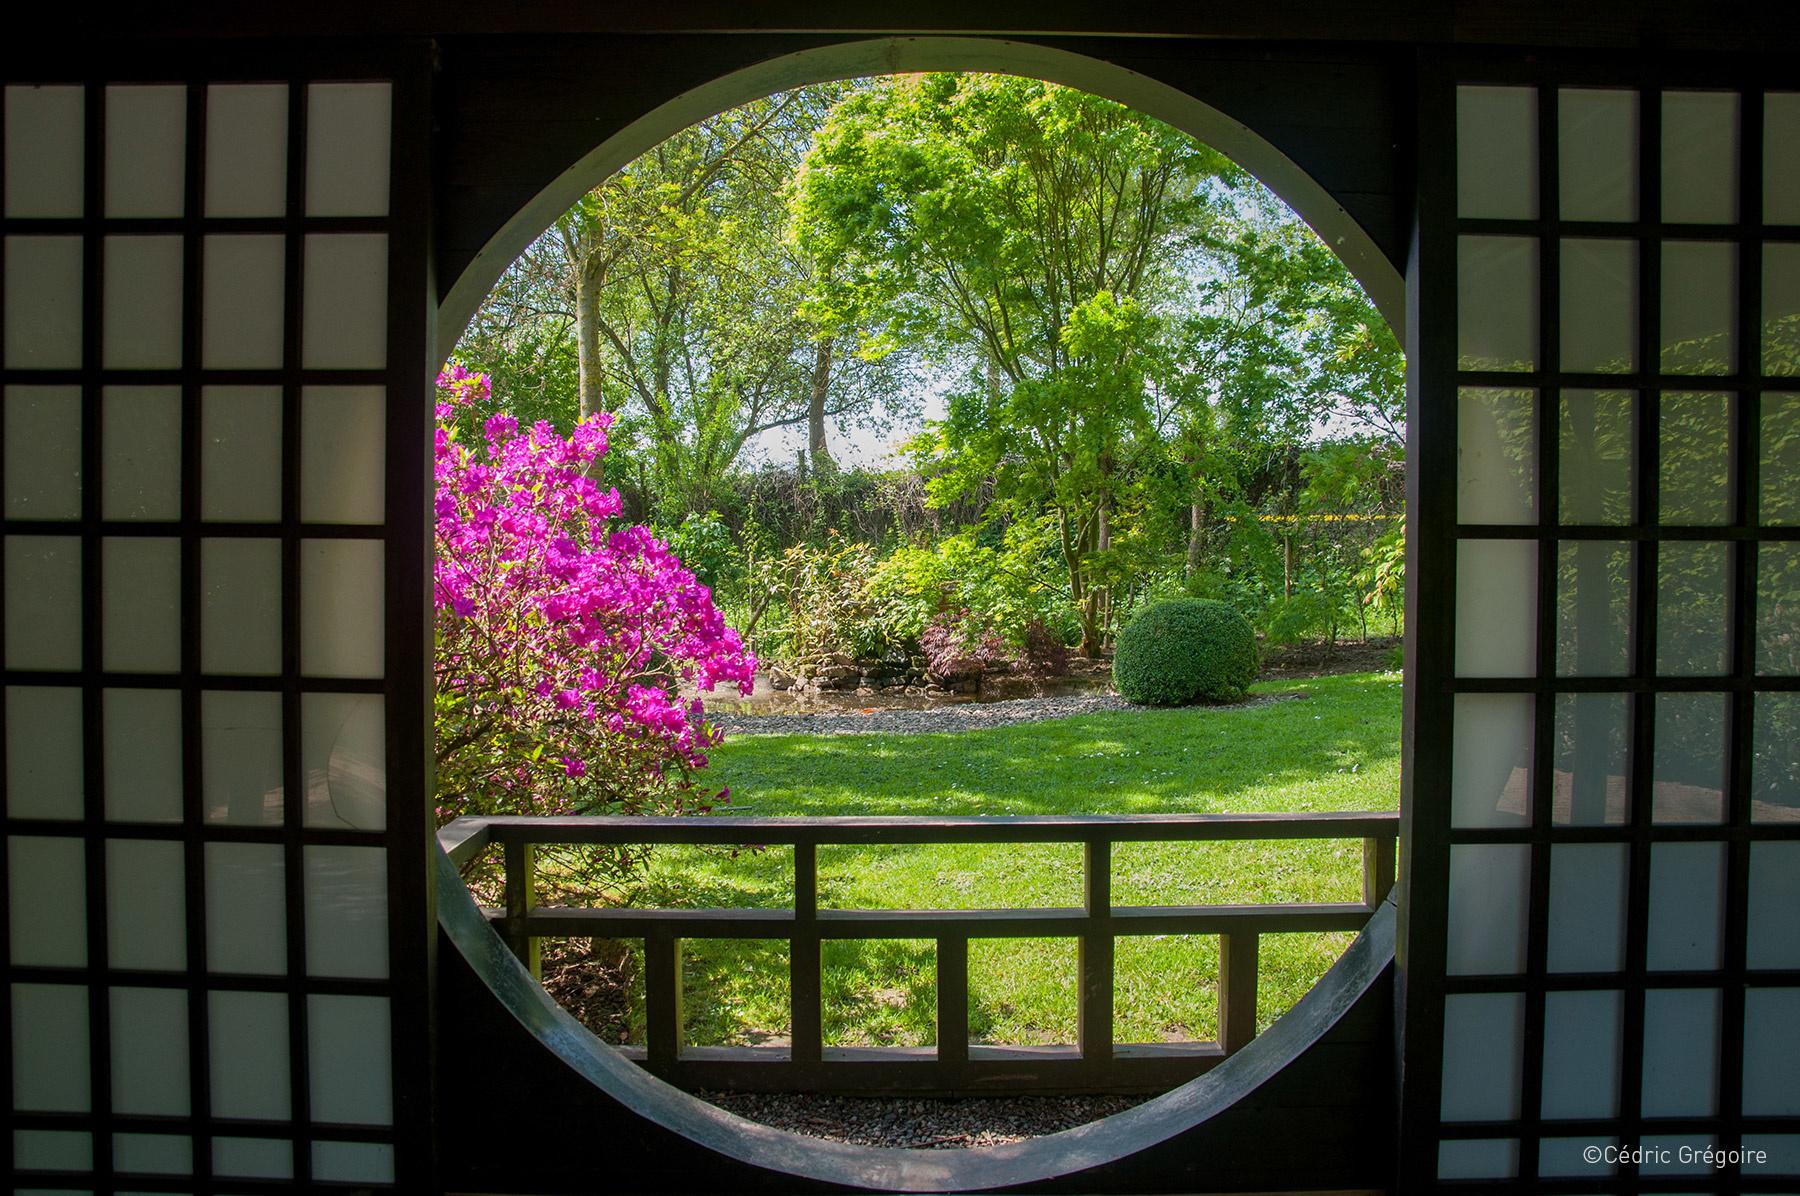 Les jardins thématiques de Bambois, Cedric Gregoire